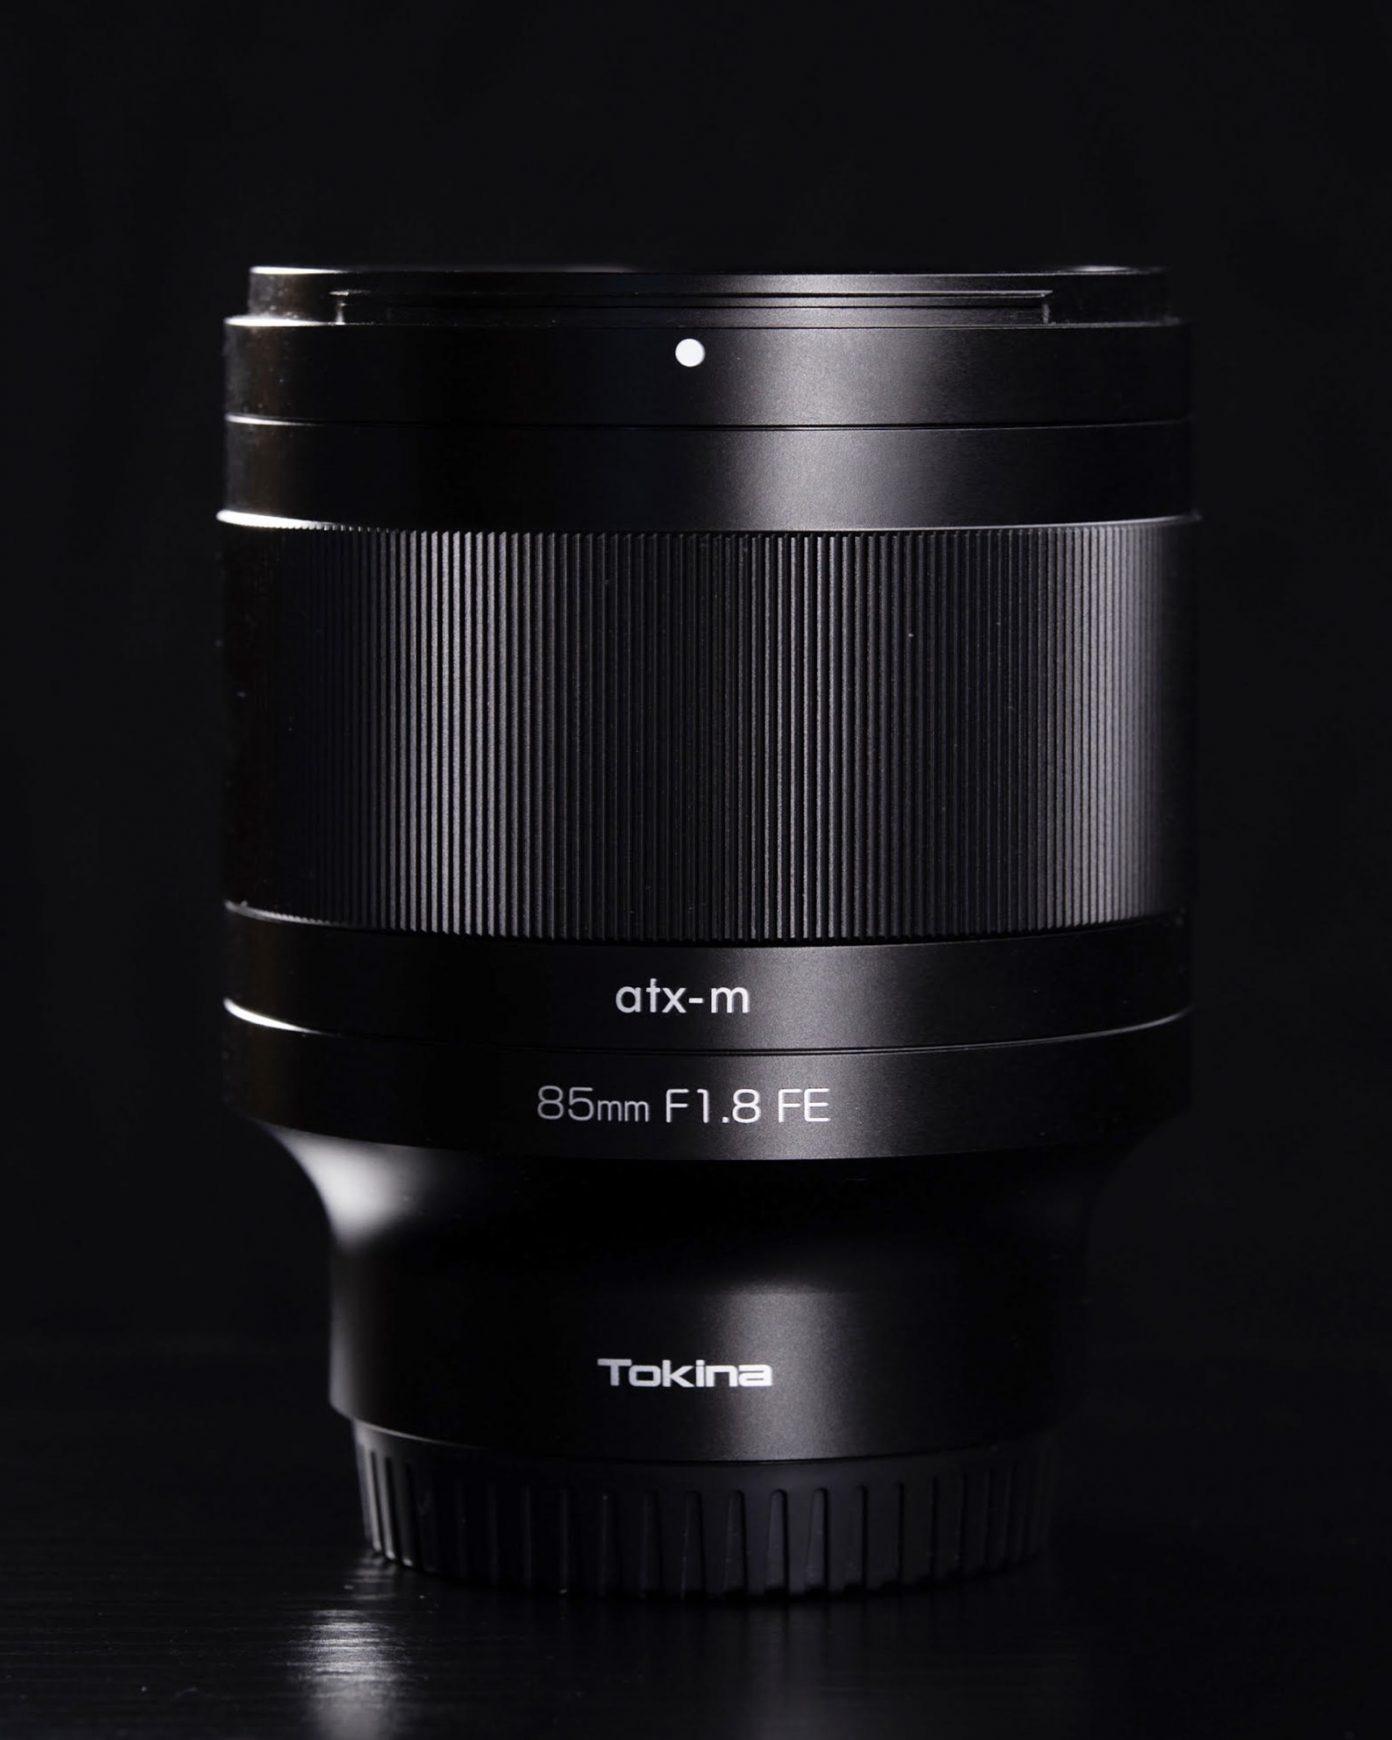 Tokina ra mắt ống kính 85mm F1.8 FE dành cho máy ảnh Sony full-frame - 2